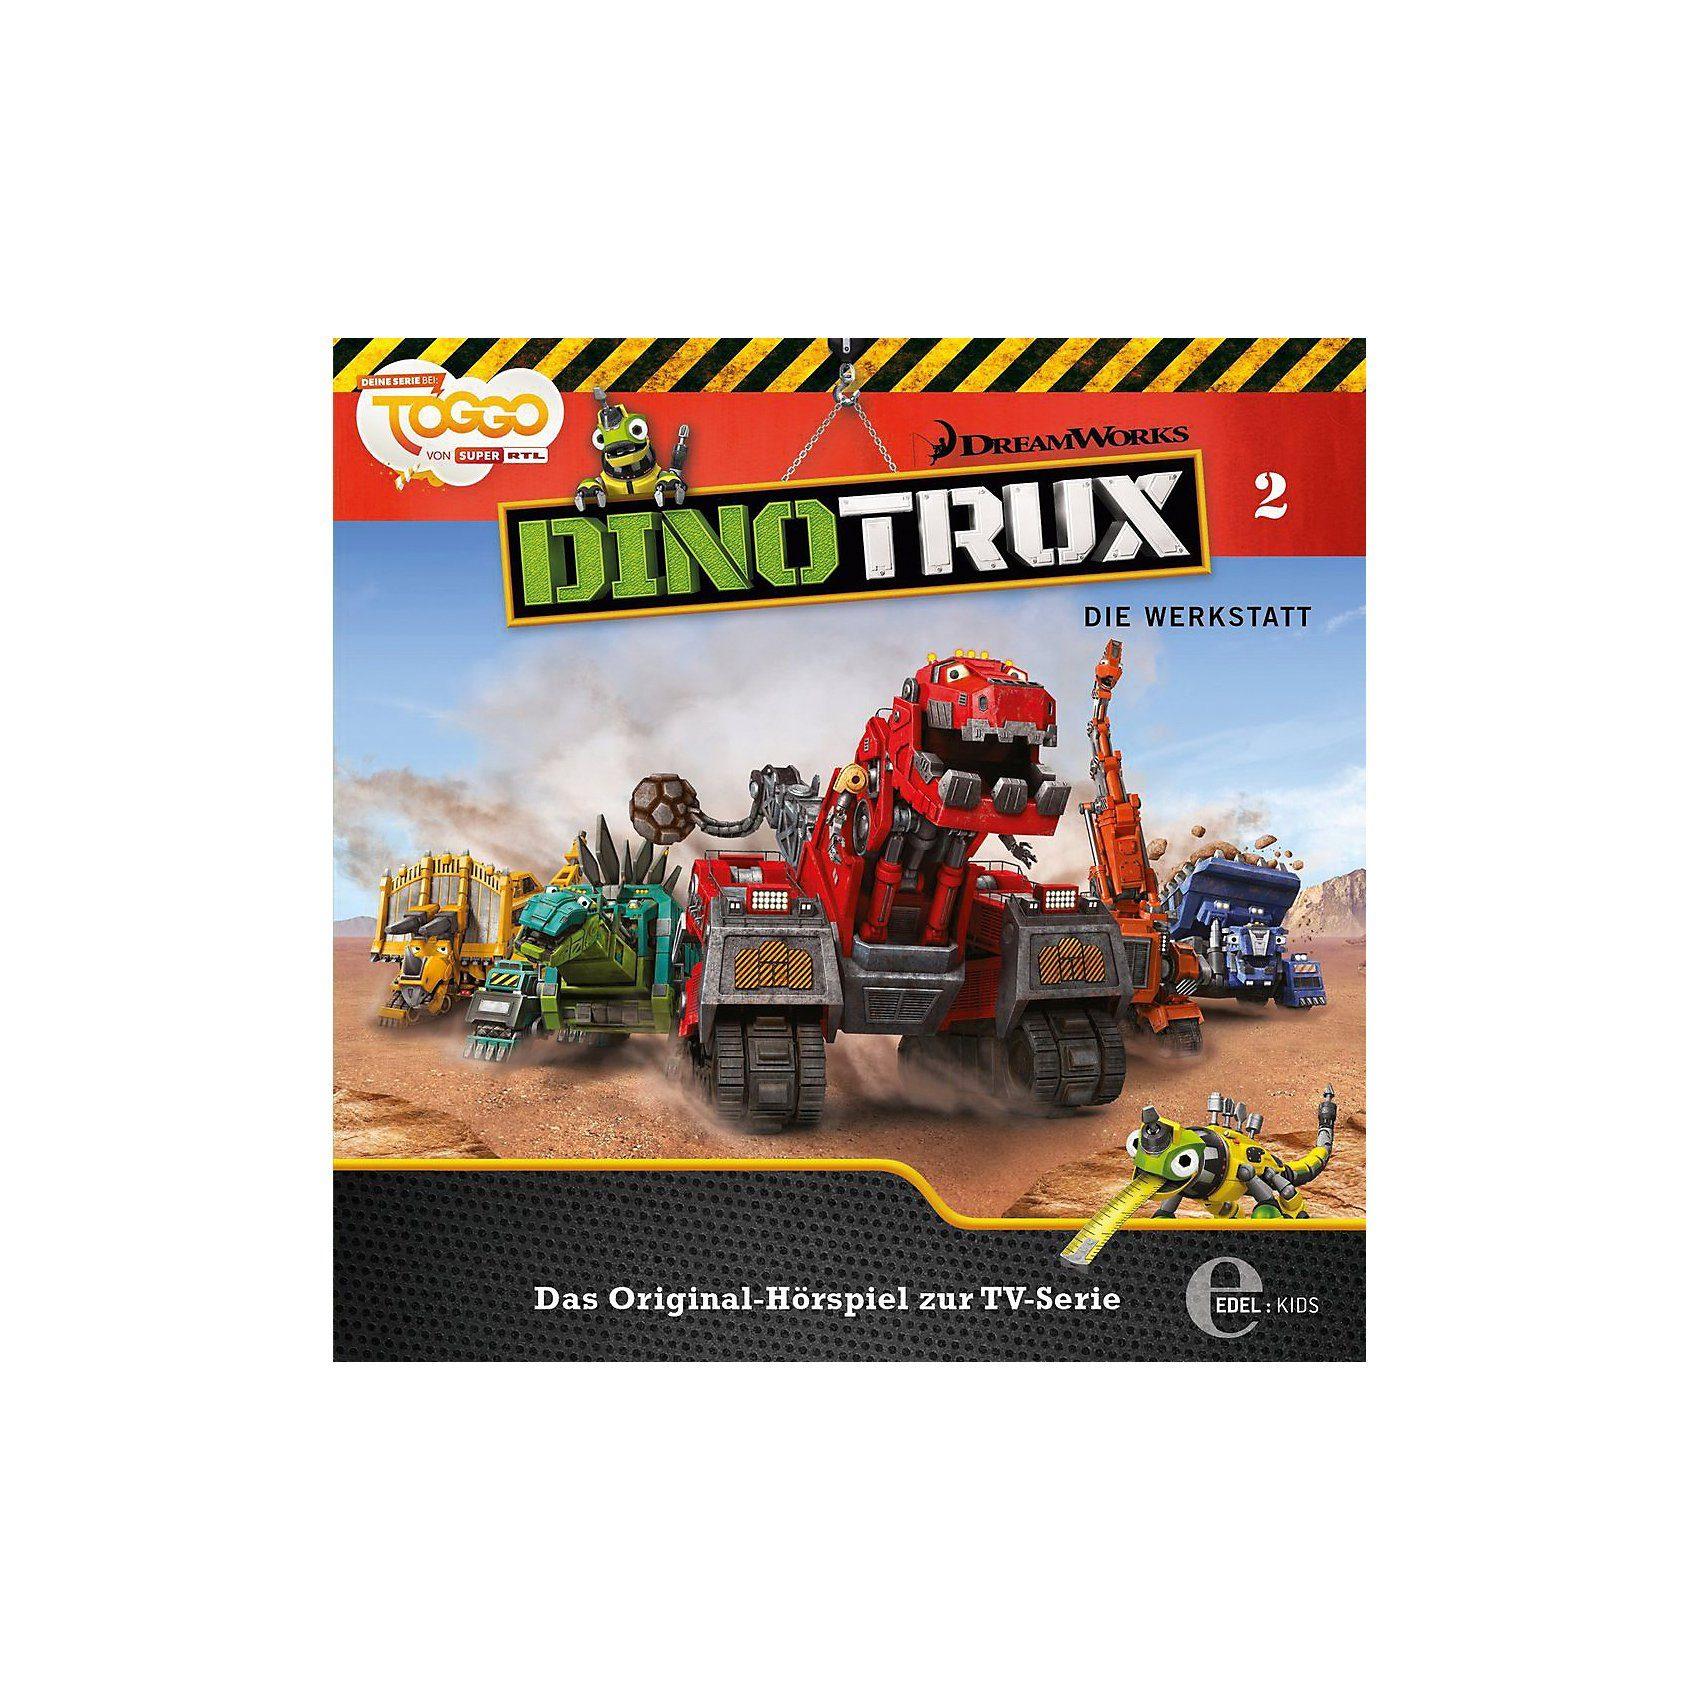 Edel CD Dinotrux - 02